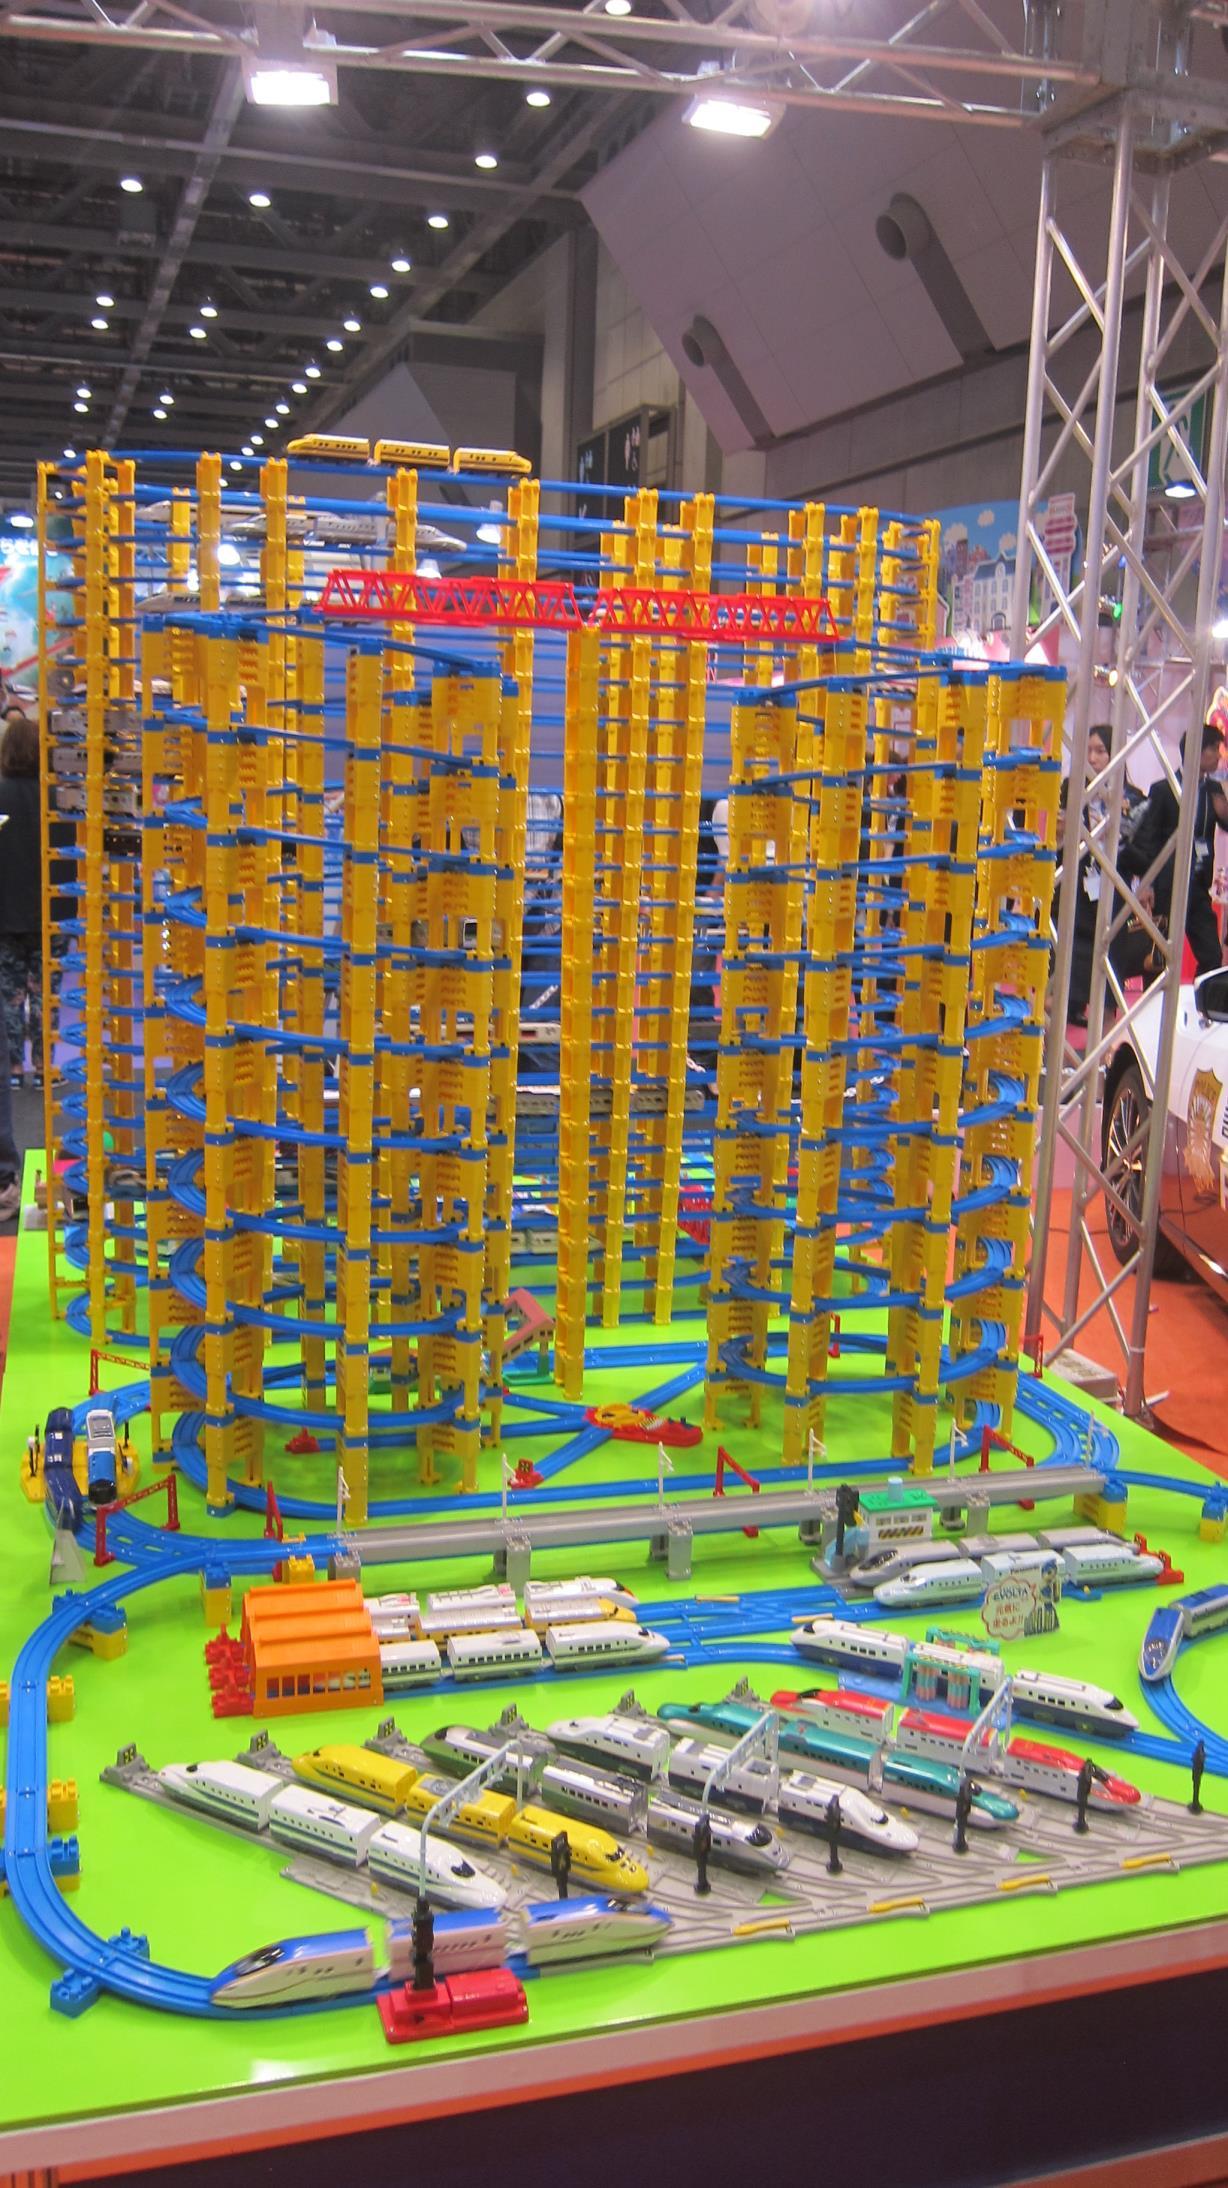 Kid's Kingdom, Hitomi, Đồ chơi Nhật Bản, Đồ chơi an toàn, Đồ chơi thông minh, Đồ chơi cho bé, Tokyo Toy Show, Takara Tomy, Bandai, Sự kiện